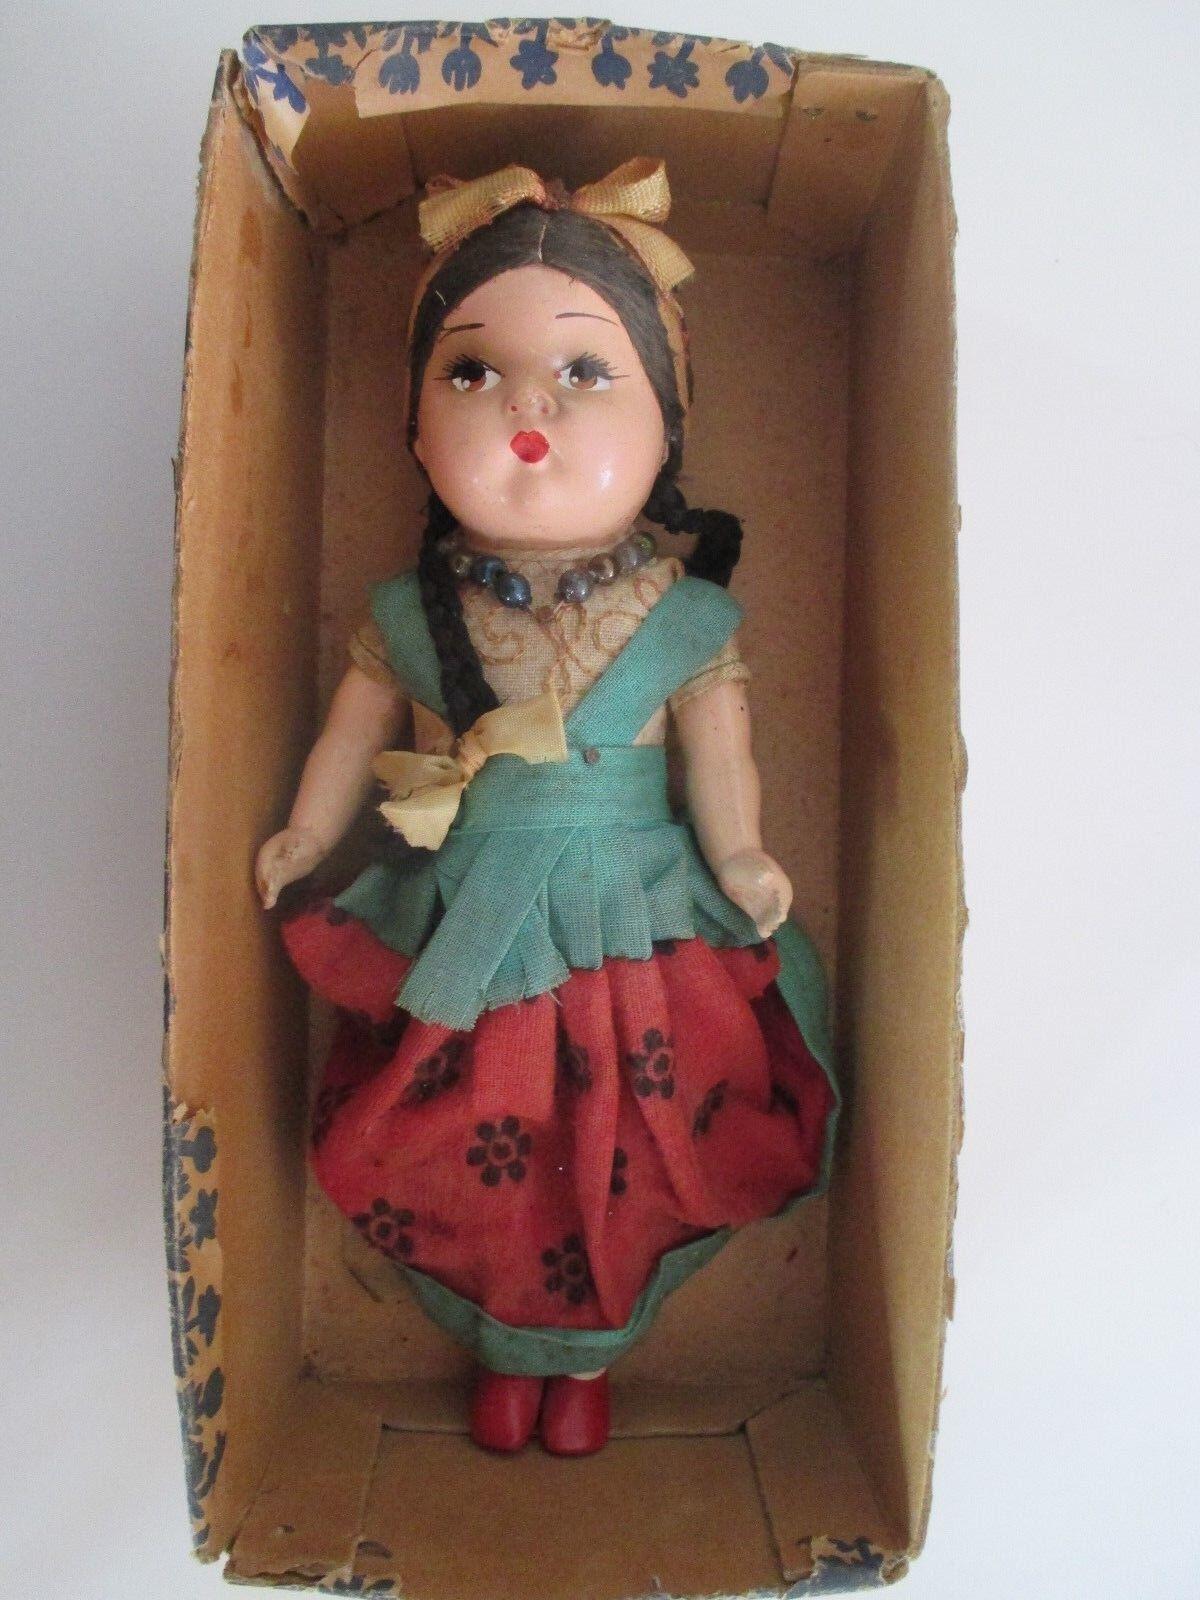 ANTIQUE BISQUE bambola MEXICAN SENORITA GIRL RARE IN scatola  9  Ttutti  risparmia fino al 50%